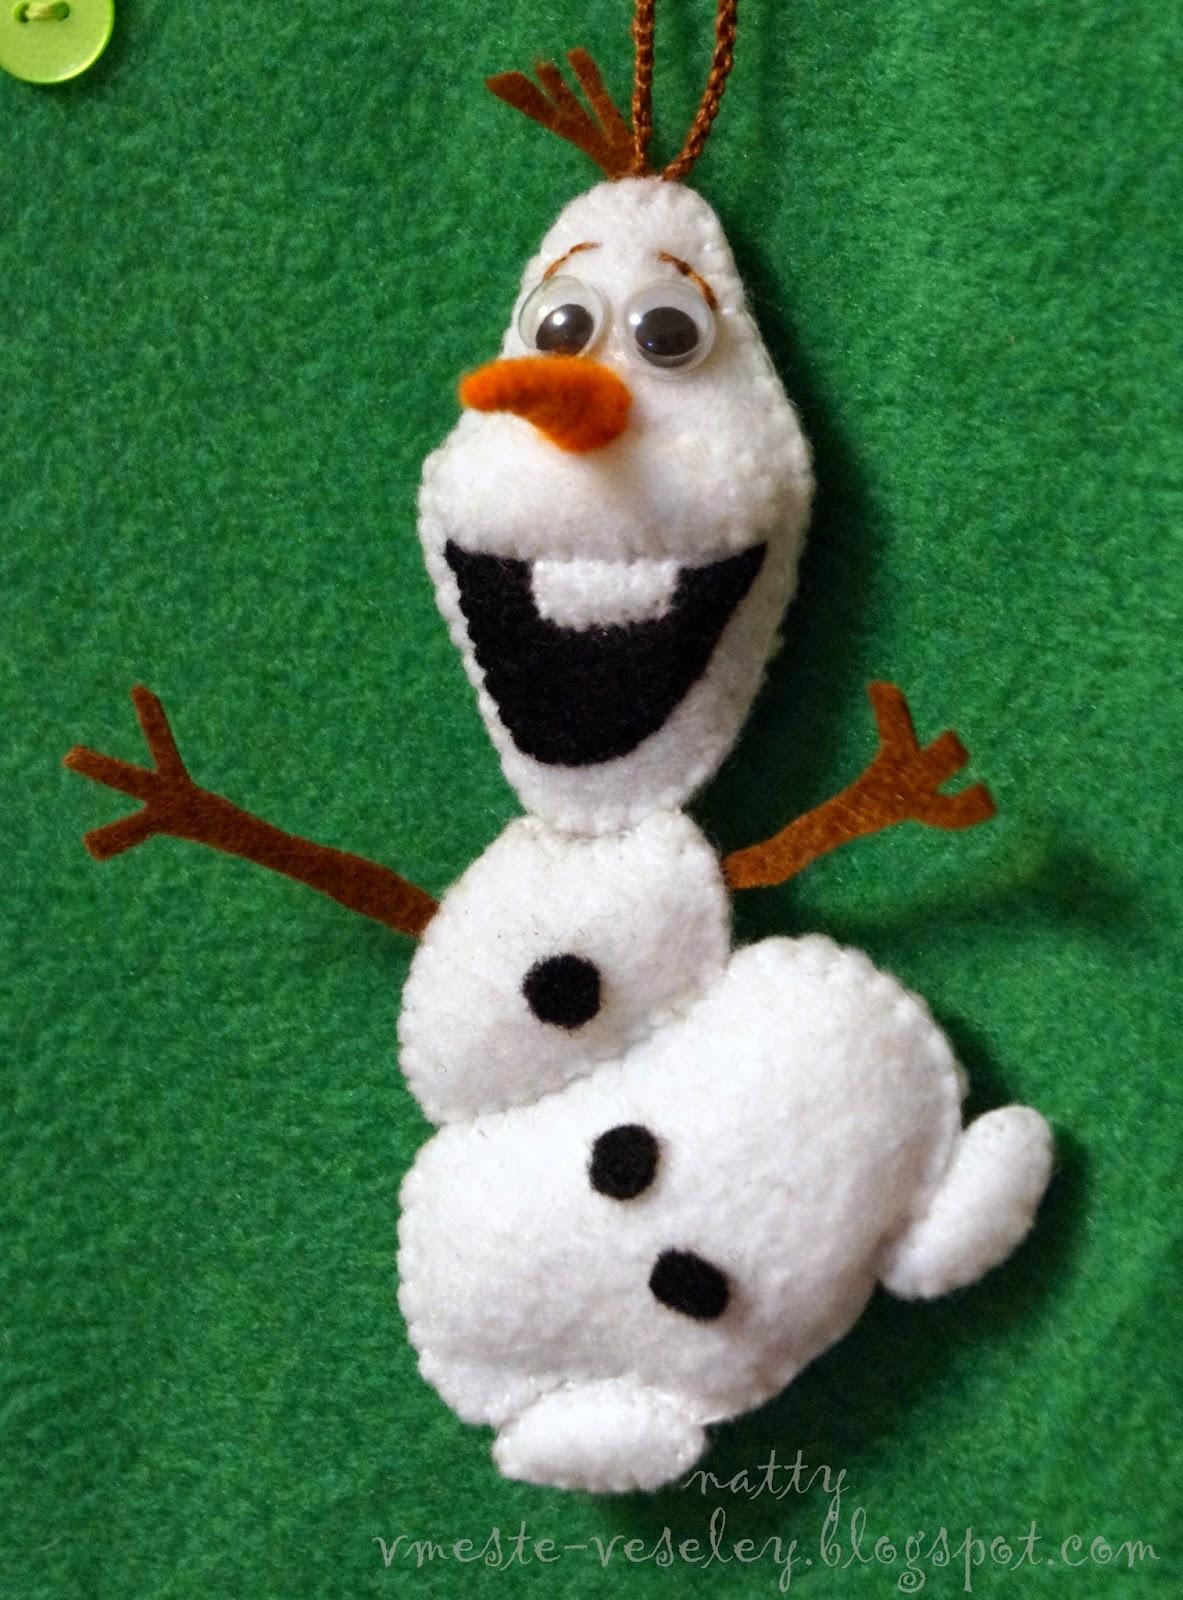 на бумаге рисуем шаблон улыбки для снеговика